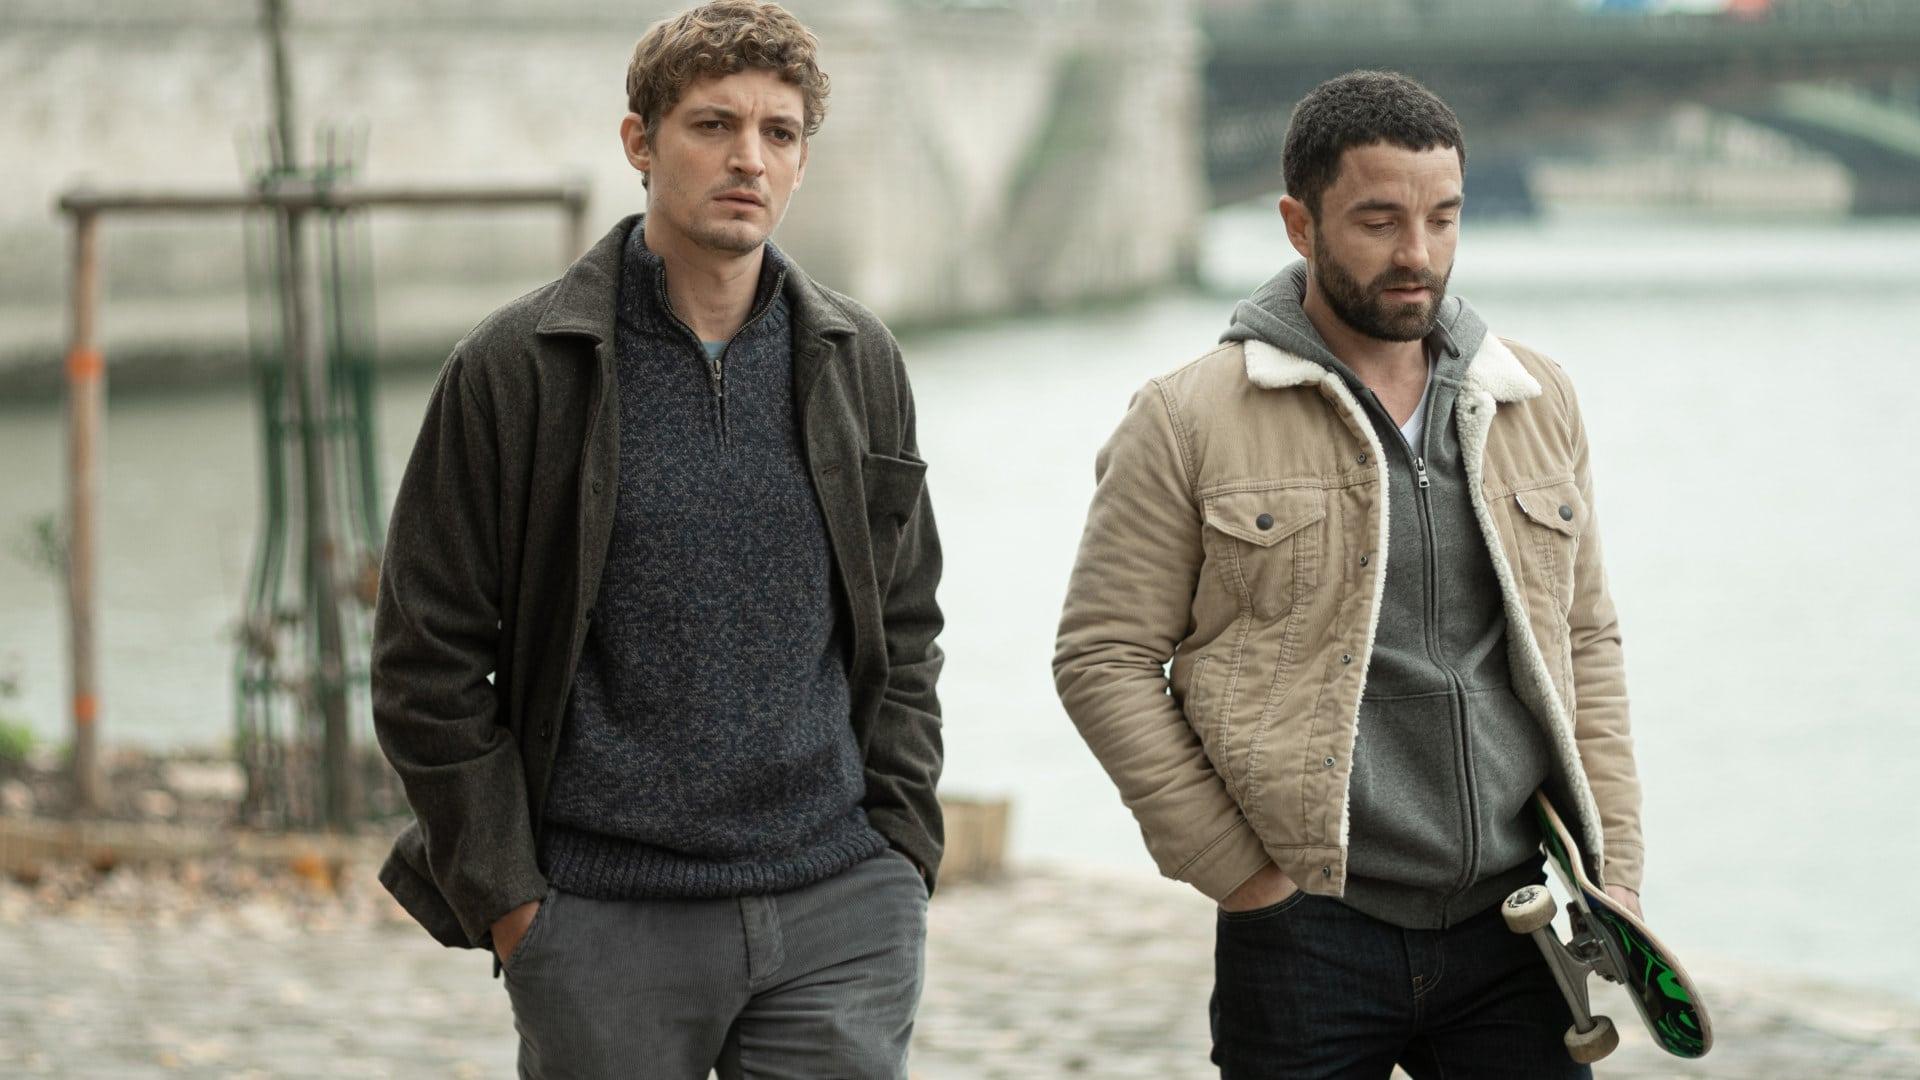 Niels Schneider (Maxime) et Guillaume Gouix (Gaspard) se promènent dans Les choses qu'on dit, les choses qu'on fait